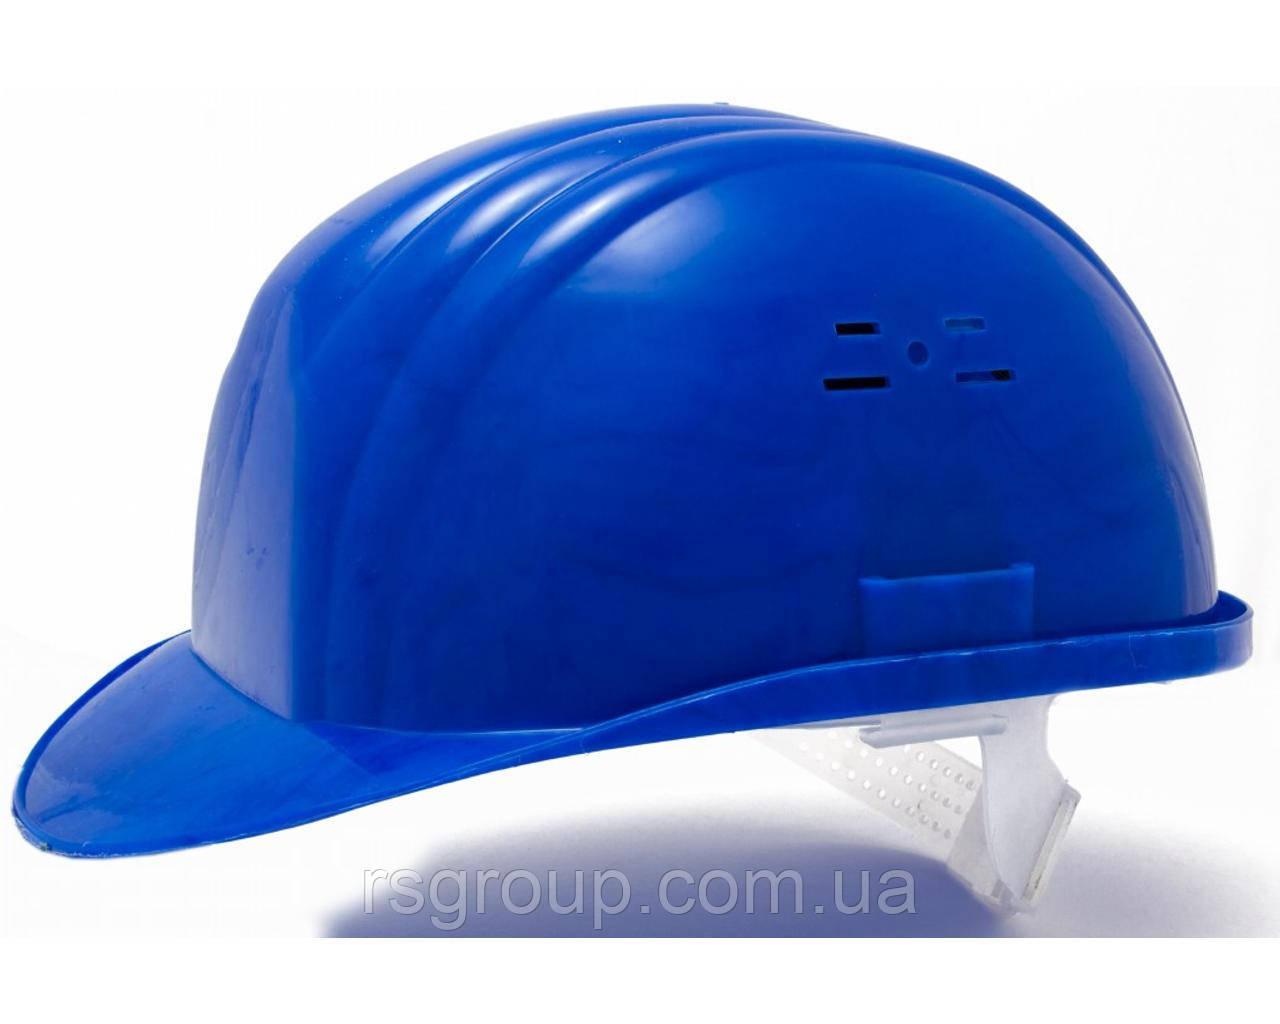 Каска строительная Украина (цвет синий)